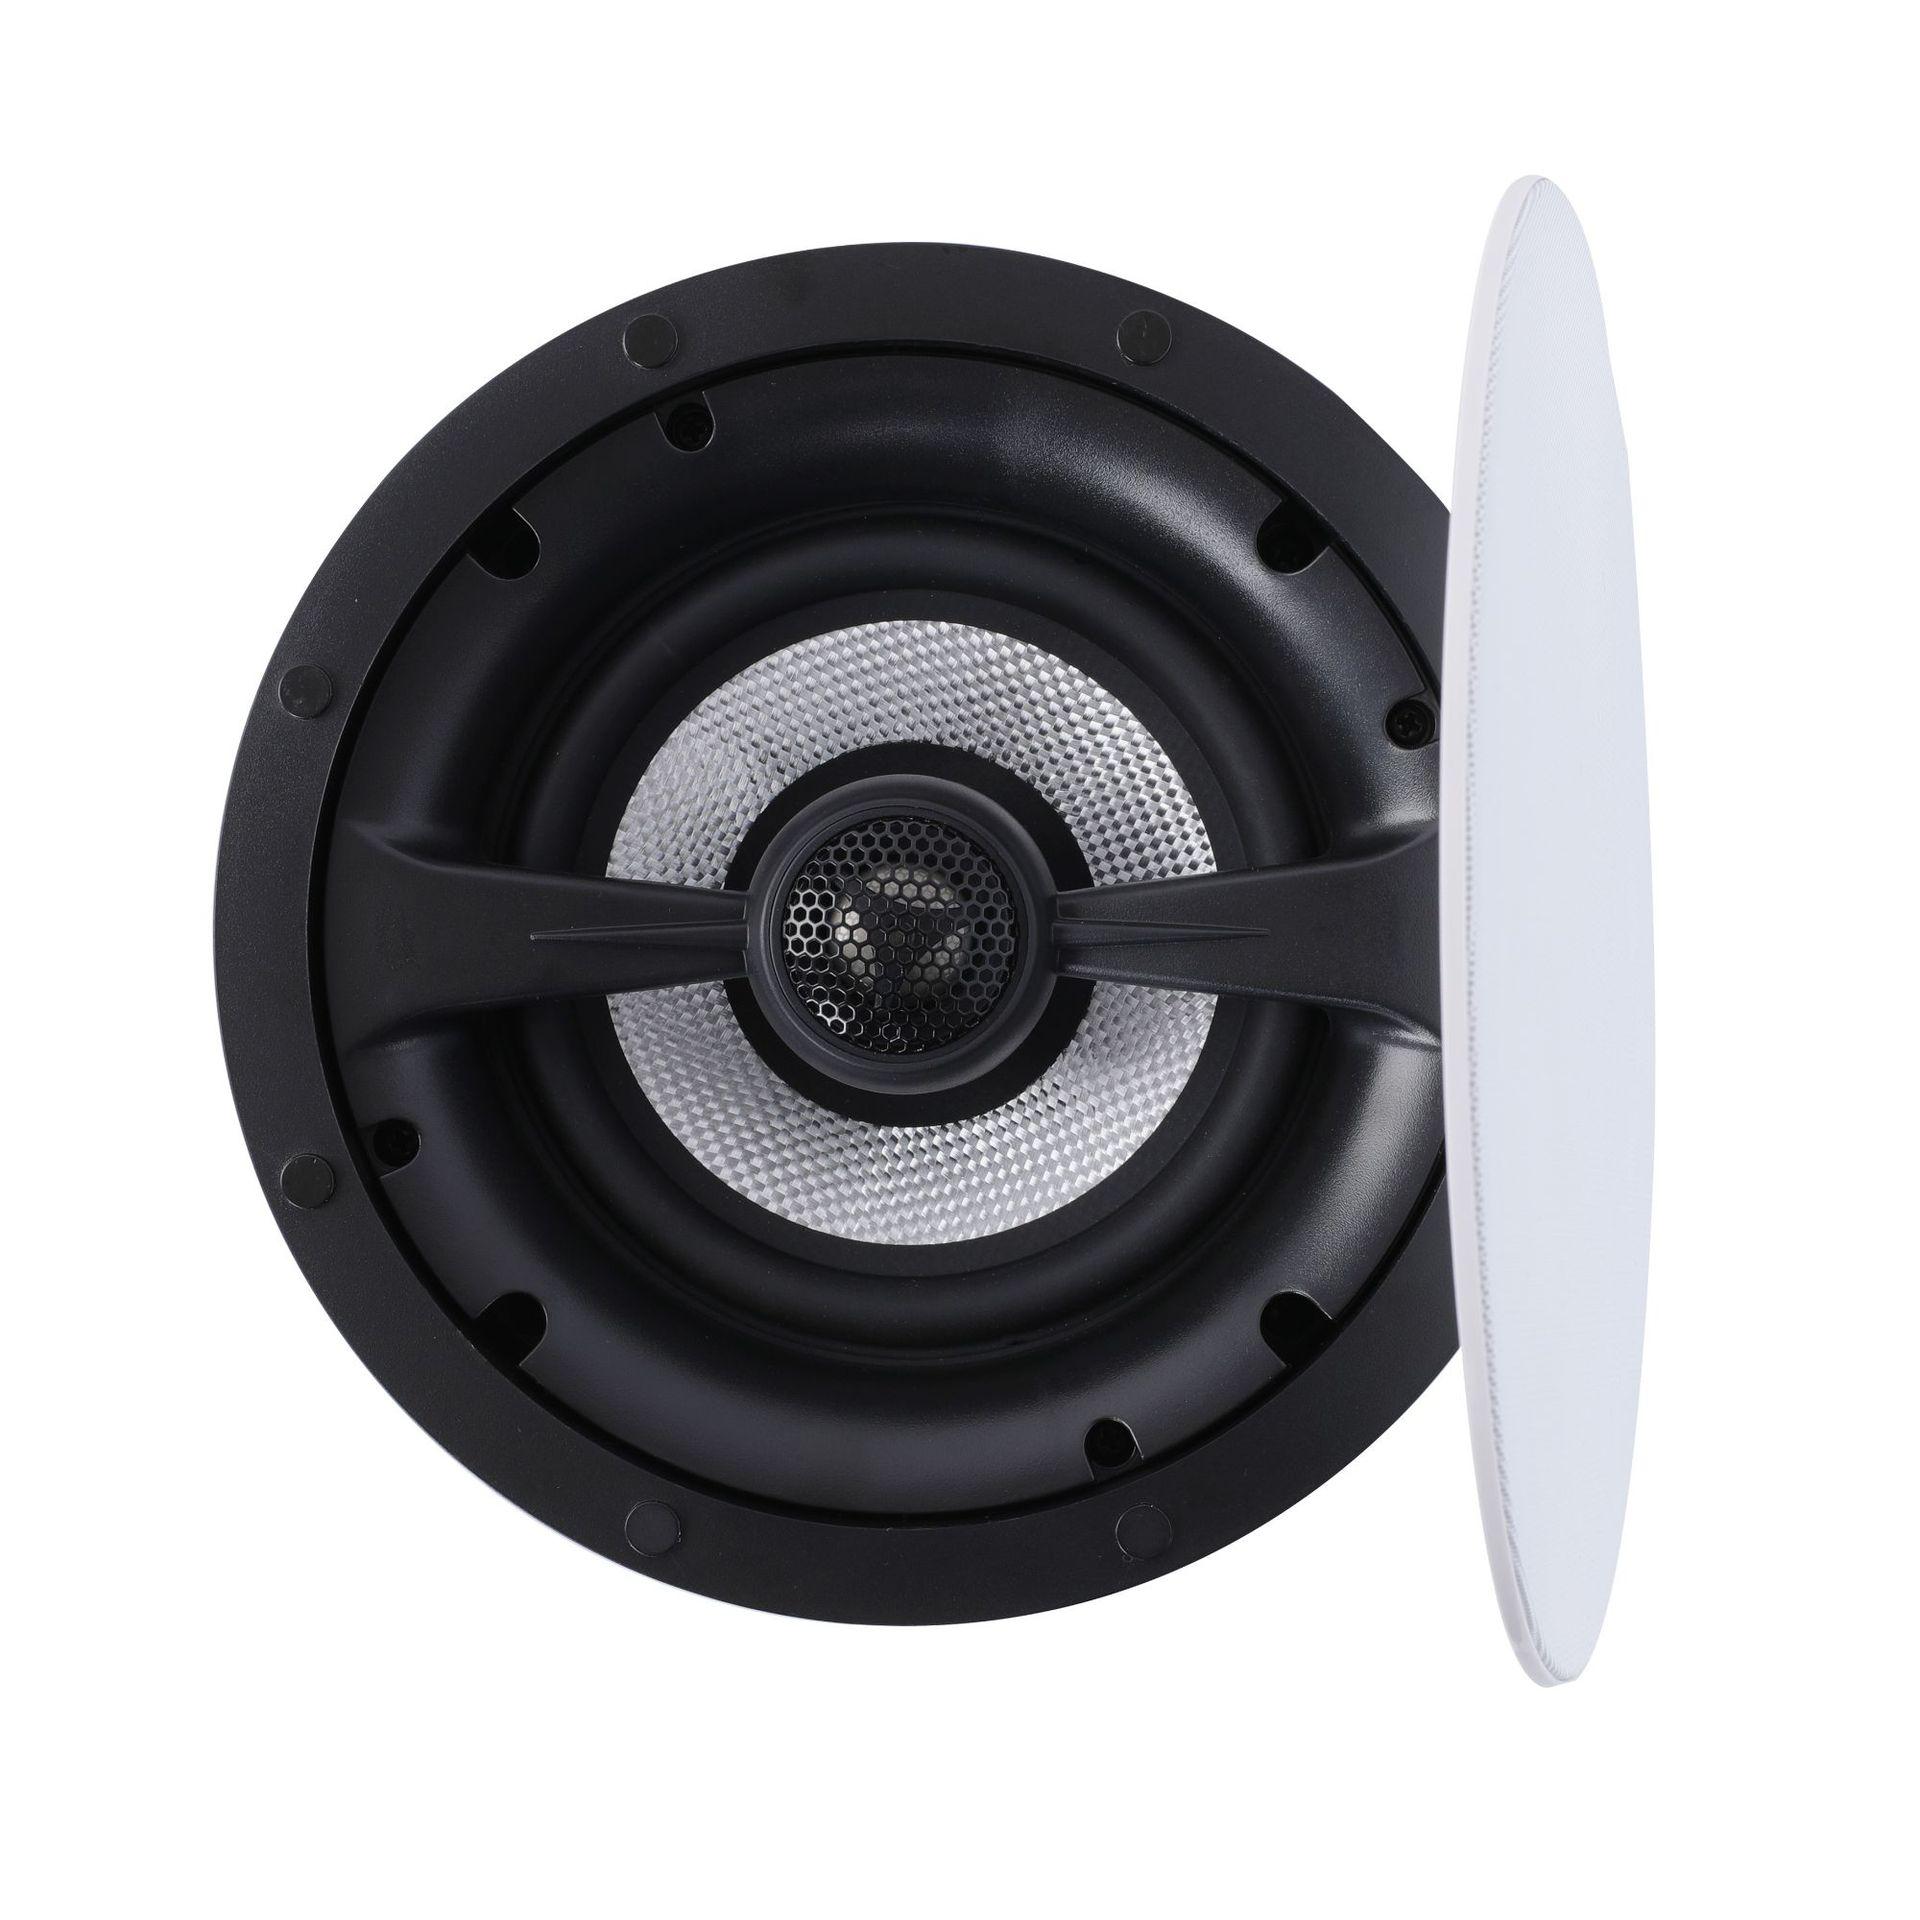 CHANGYUN Loa Nhạc nền Trần âm thanh nổi Loa 6.5 inch với Crossover